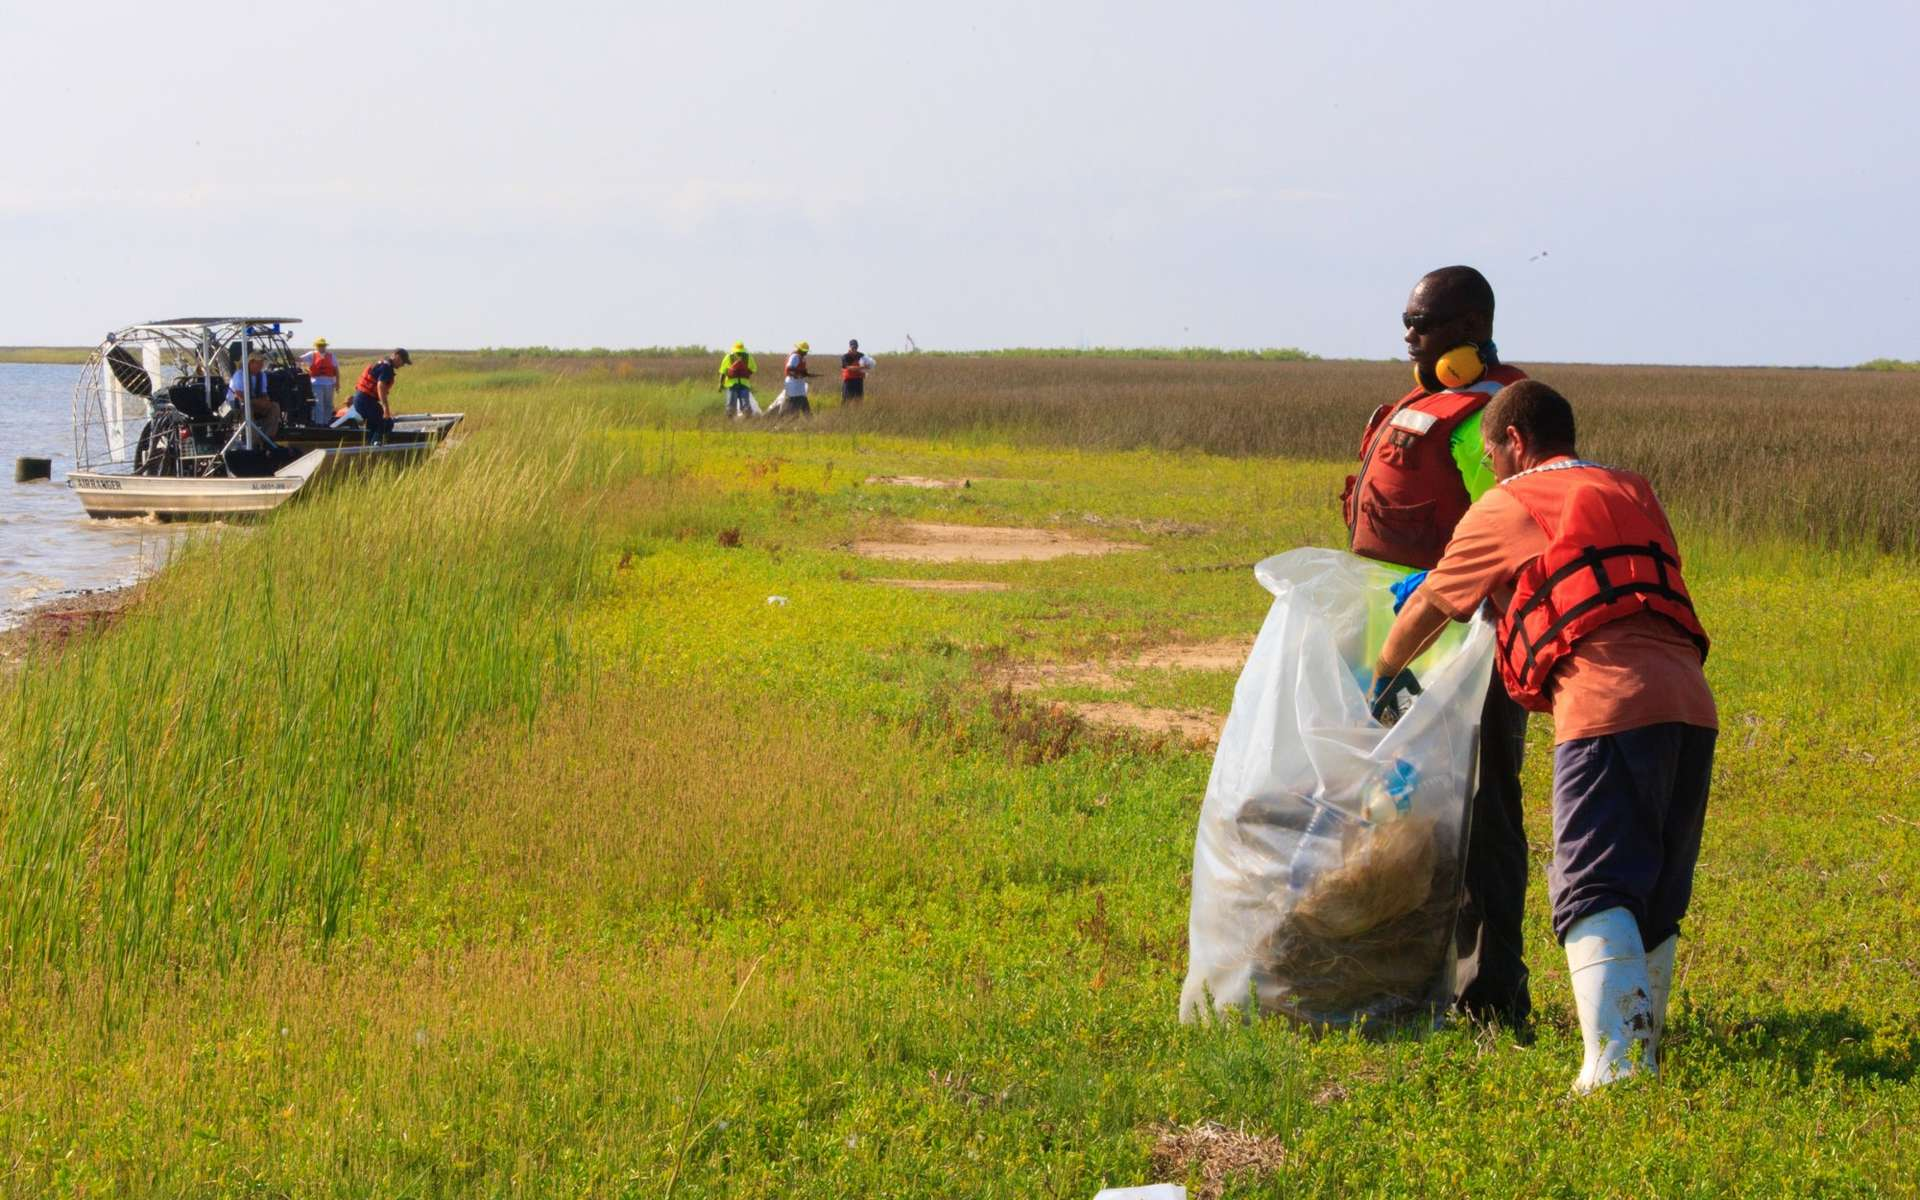 Nettoyage, le 12 septembre 2010, d'une plage de l'île Coffee, près de Bayou la Batre, dans l'Alabama. © BP